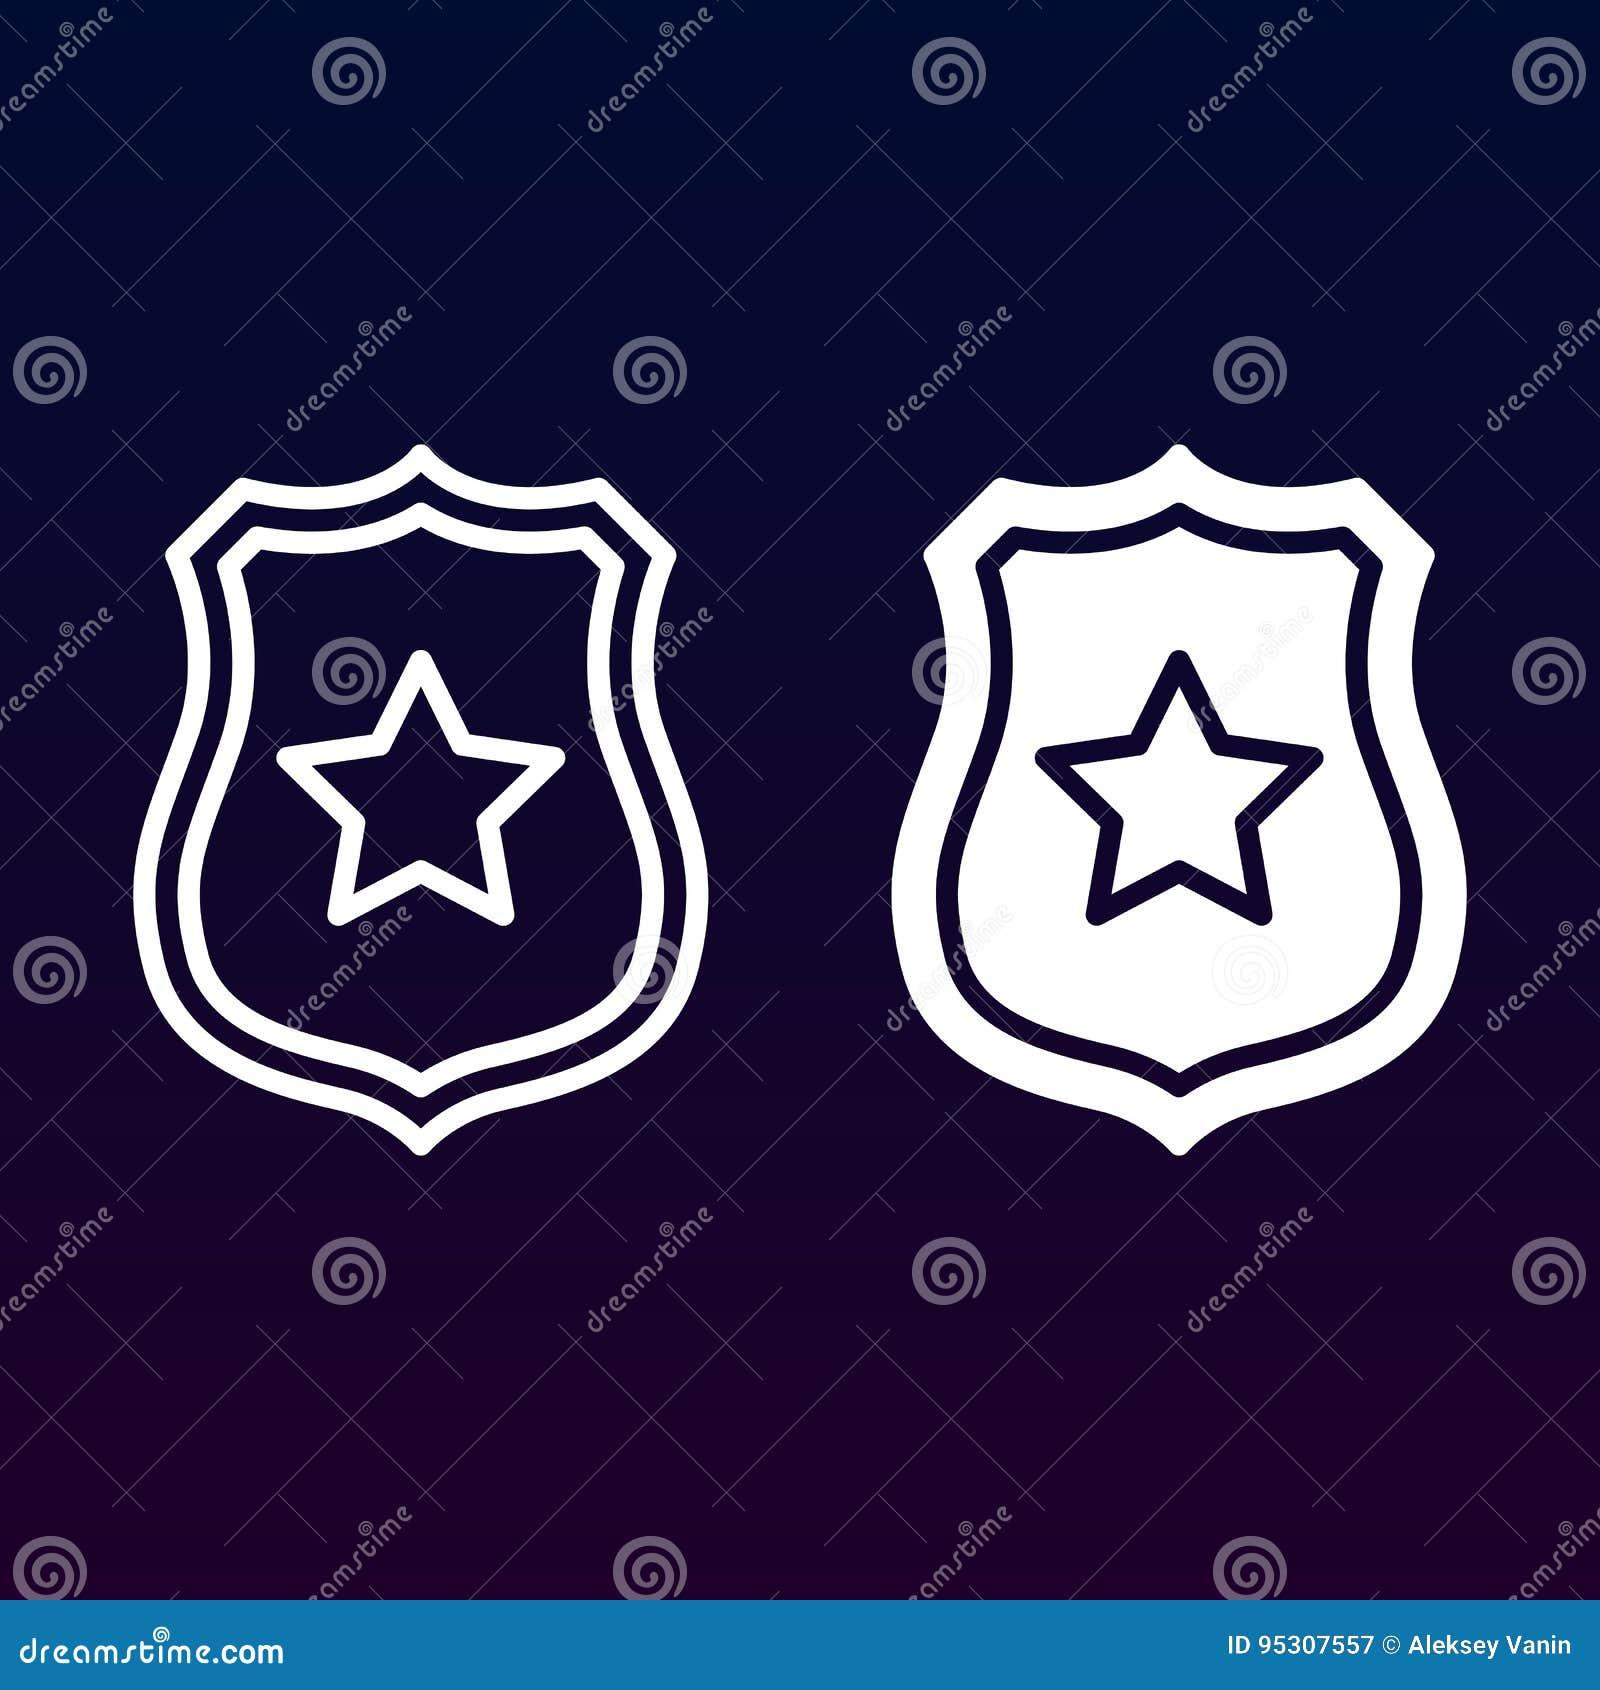 Jawny bezpieczeństwo, szeryf odznaka z gwiazdy ikoną, kontur i piktogram odizolowywający dalej, kreskową i stałą, wypełniający we